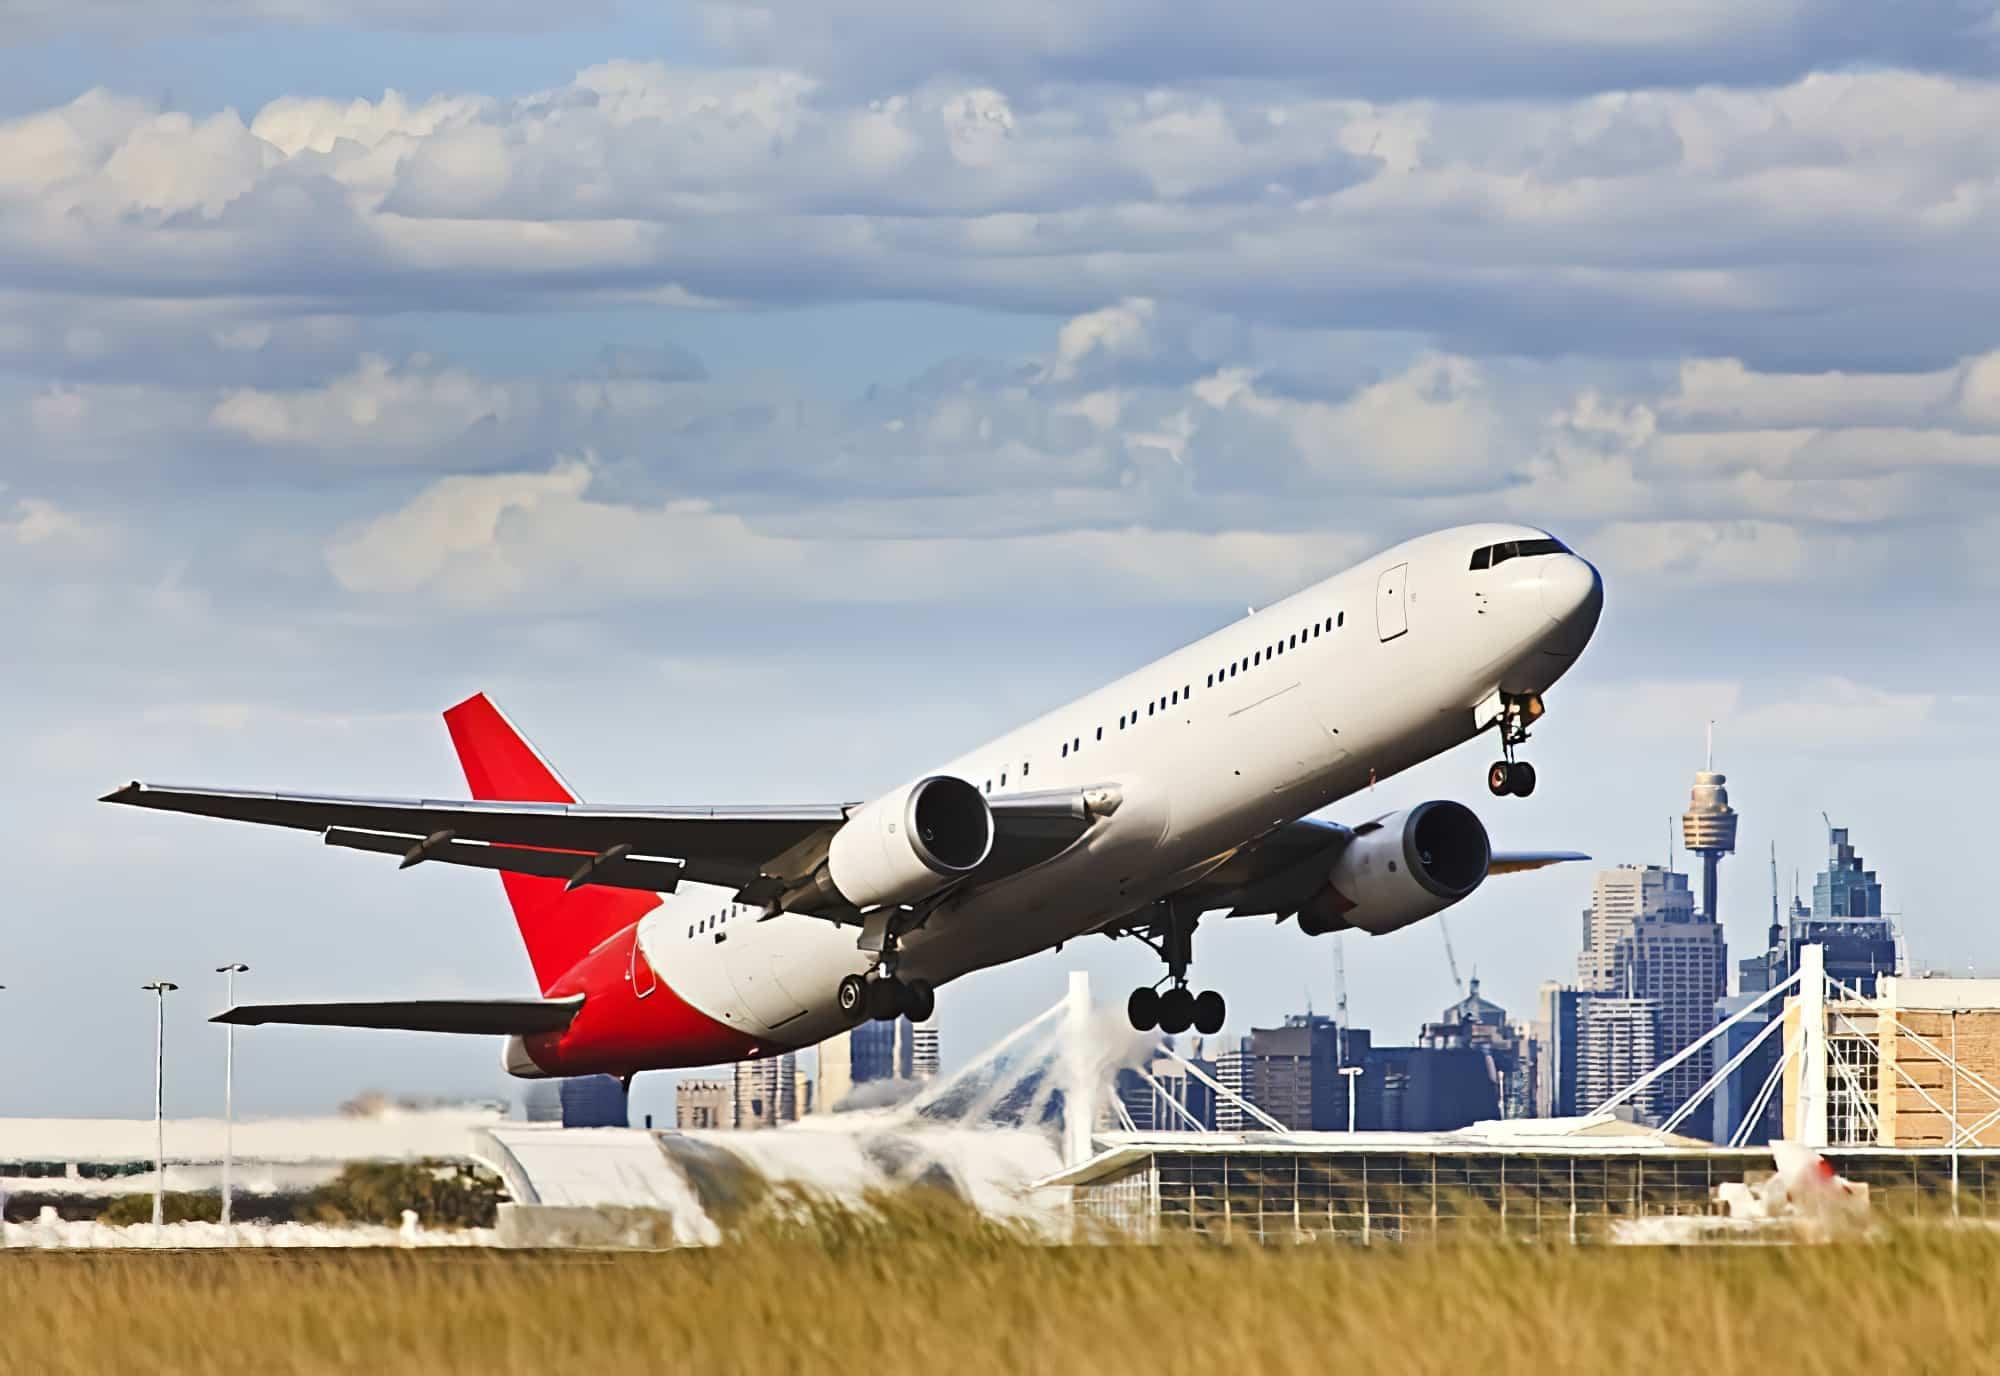 Un avion de ligne moderne décollant de l'aérodrome de l'aéroport contre les immeubles CBD de Sydney et les tours vers le ciel bleu.